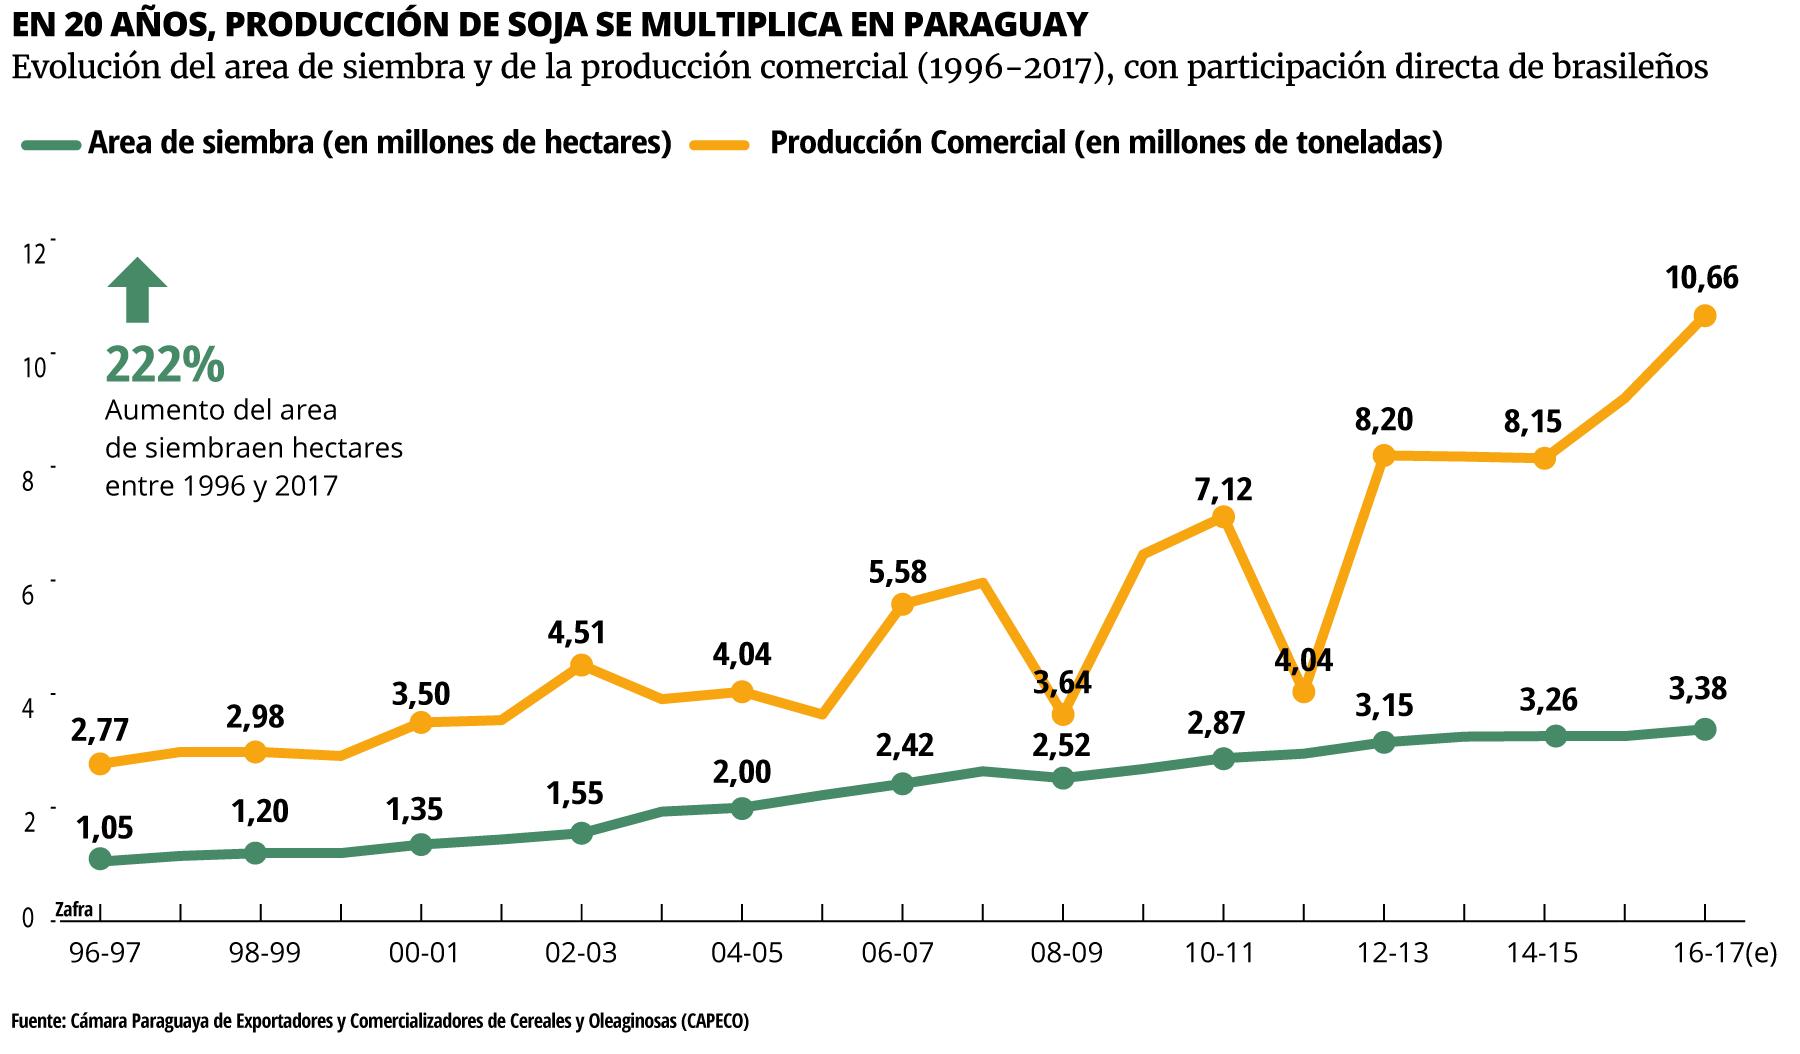 Evolución del area de siembra y de la producción comercial (1996-2017), con participación directa de brasileños